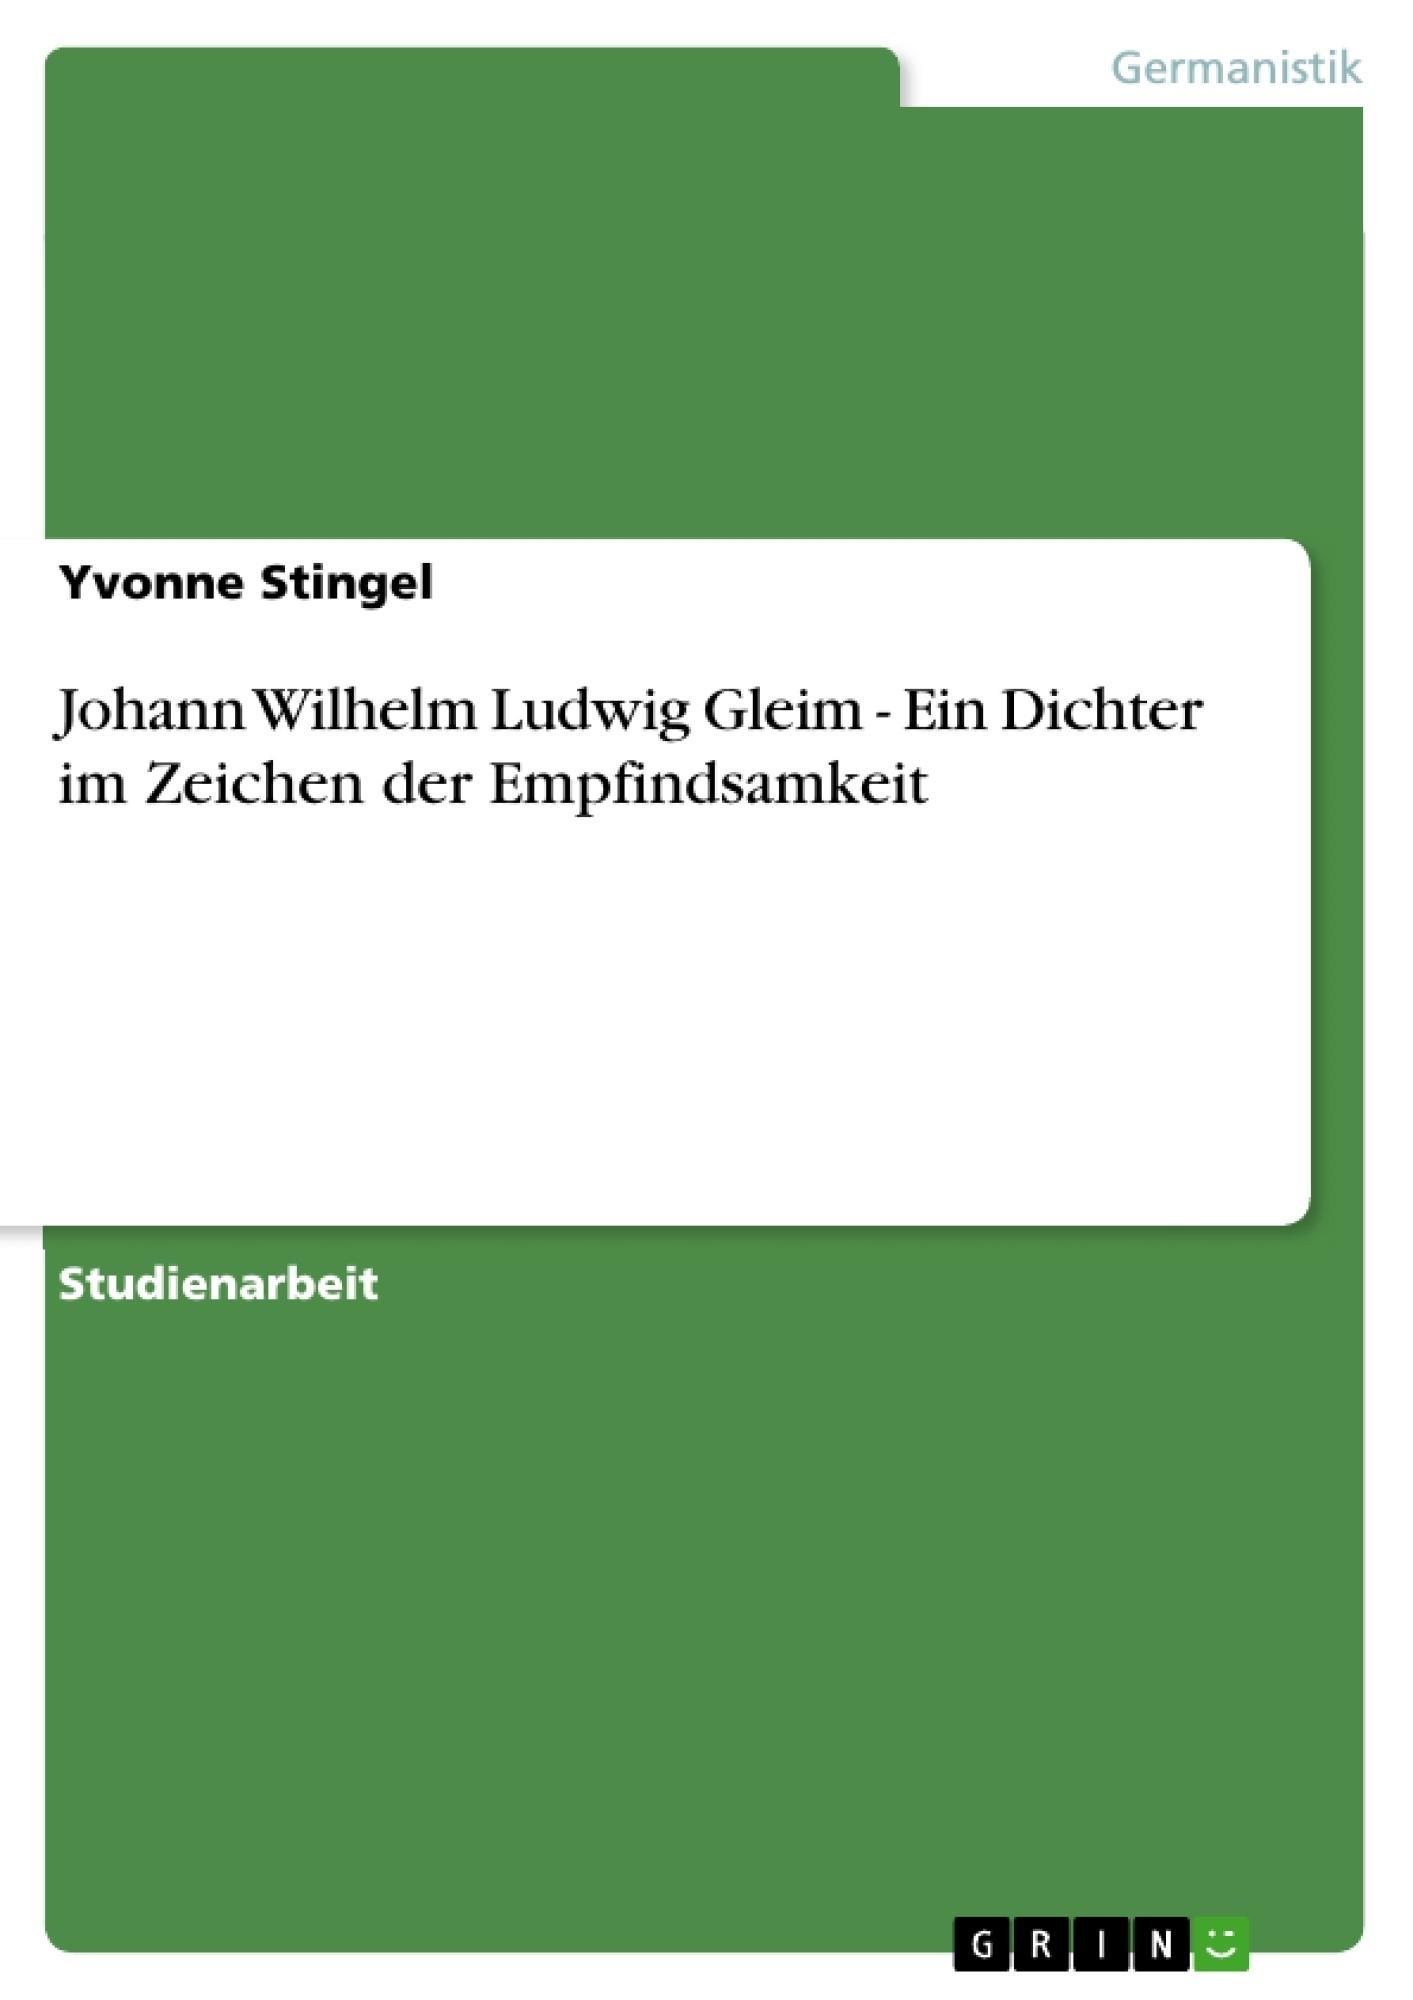 Titel: Johann Wilhelm Ludwig Gleim - Ein Dichter im Zeichen der Empfindsamkeit